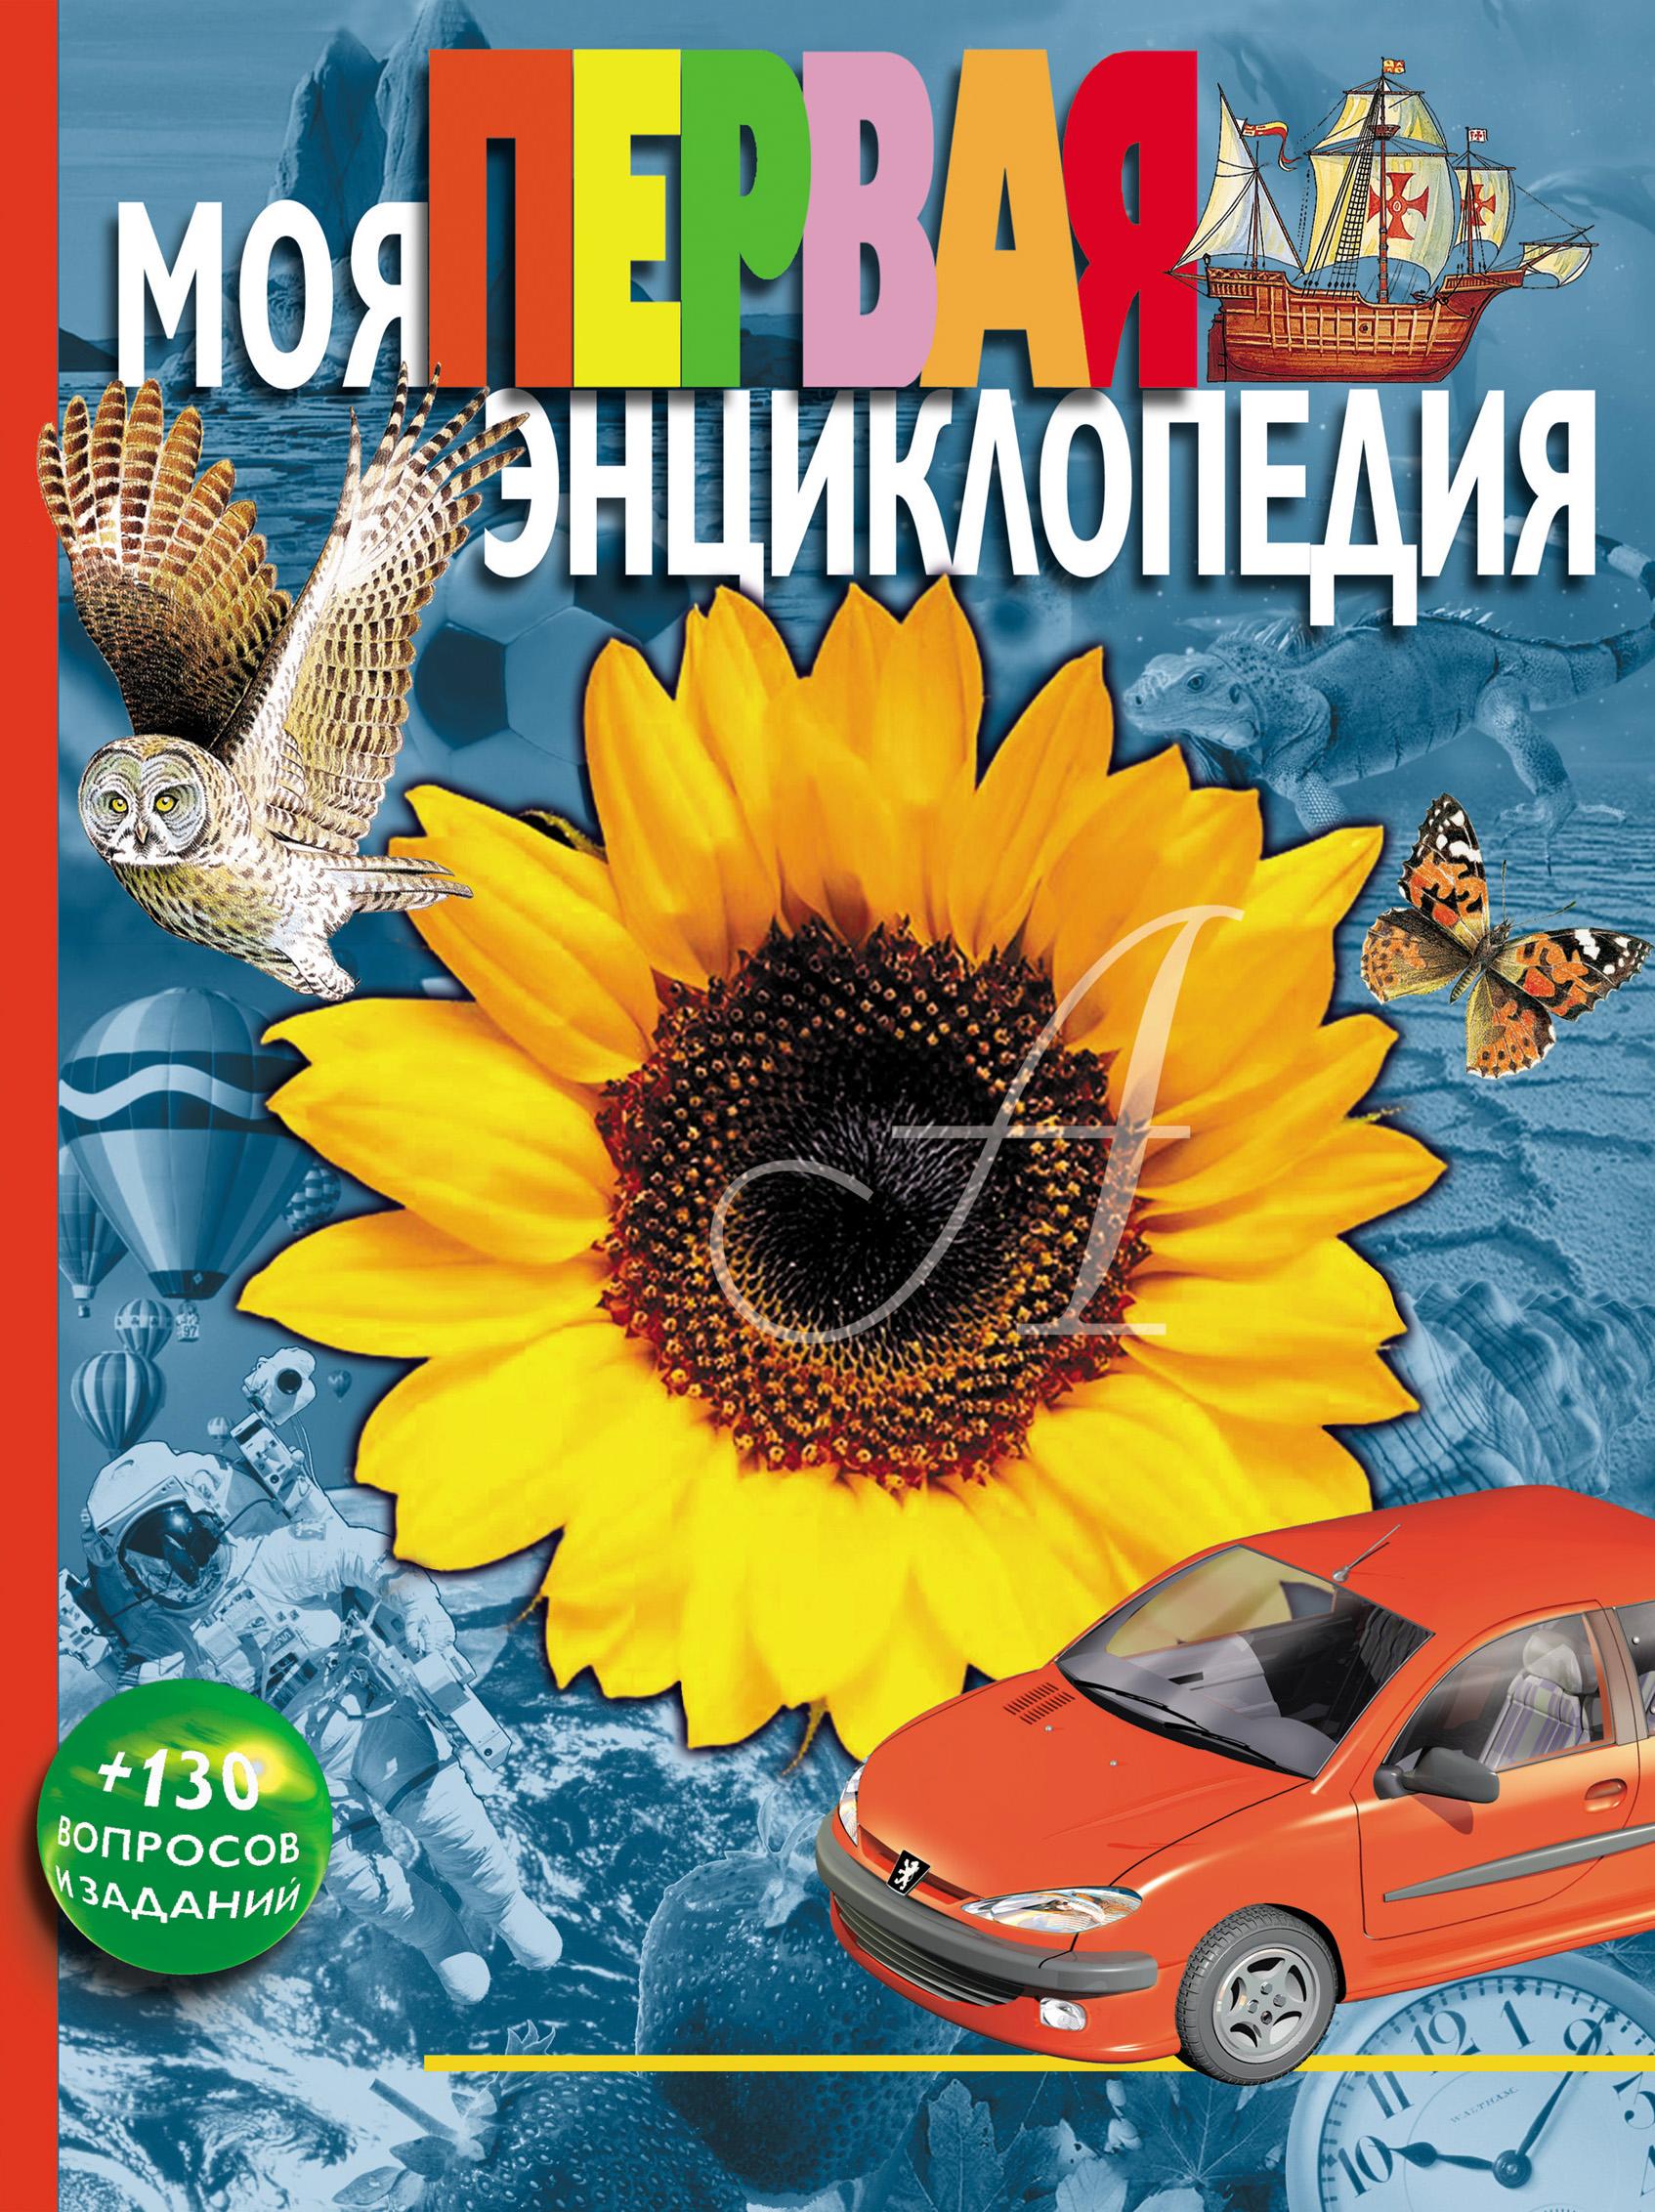 Леонид Гальперштейн Моя первая энциклопедия гальперштейн л моя первая энциклопедия